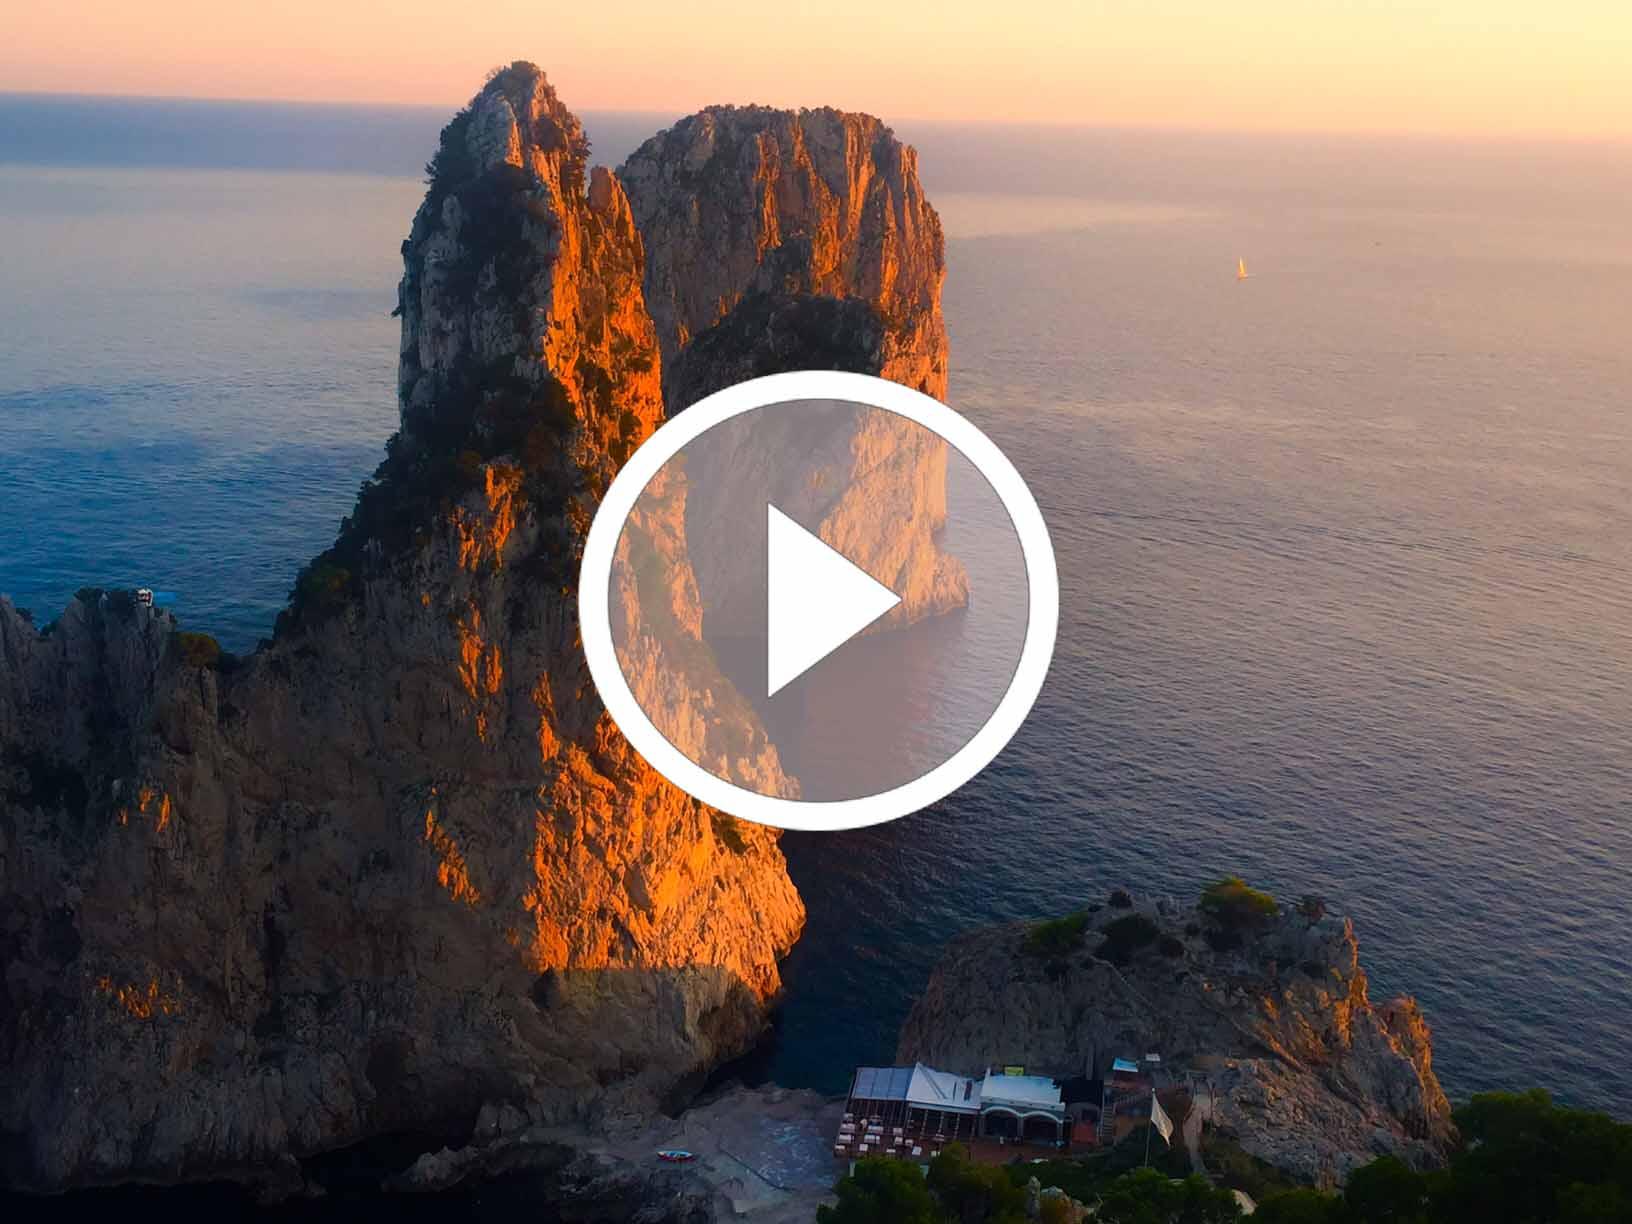 La Giornata Mondiale della Terra a Capri. 5 Video Spettacolari dall'isola dei Faraglioni.